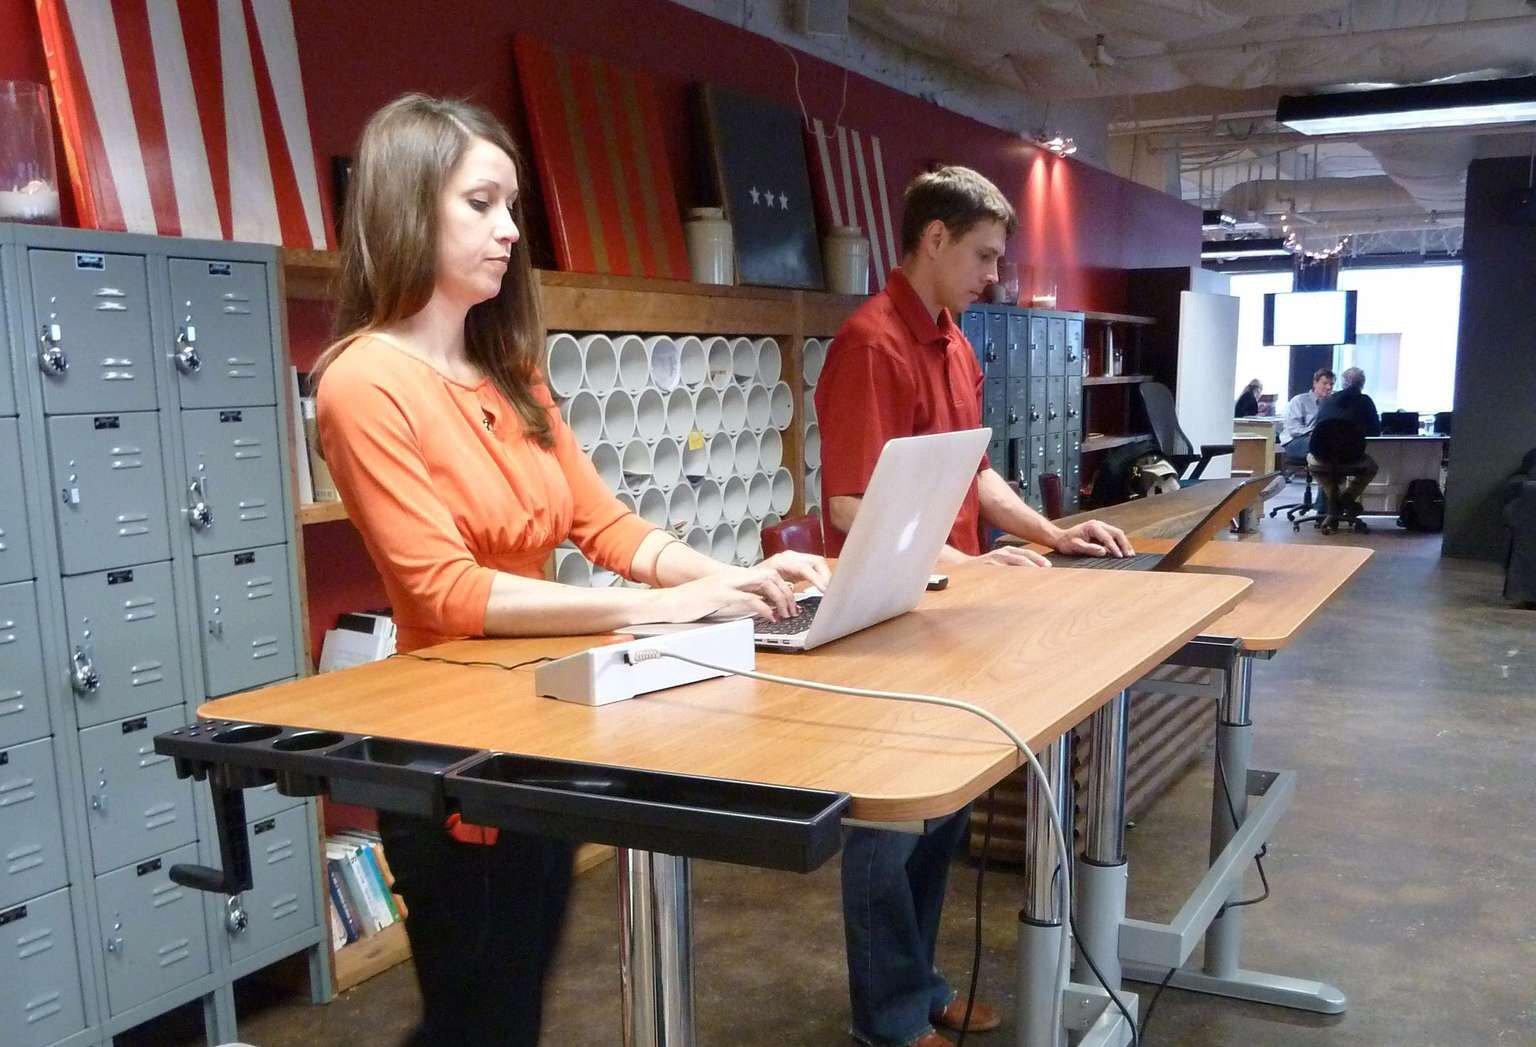 Тим Кук заставляет сотрудников Apple работать стоя - Ferra.ru